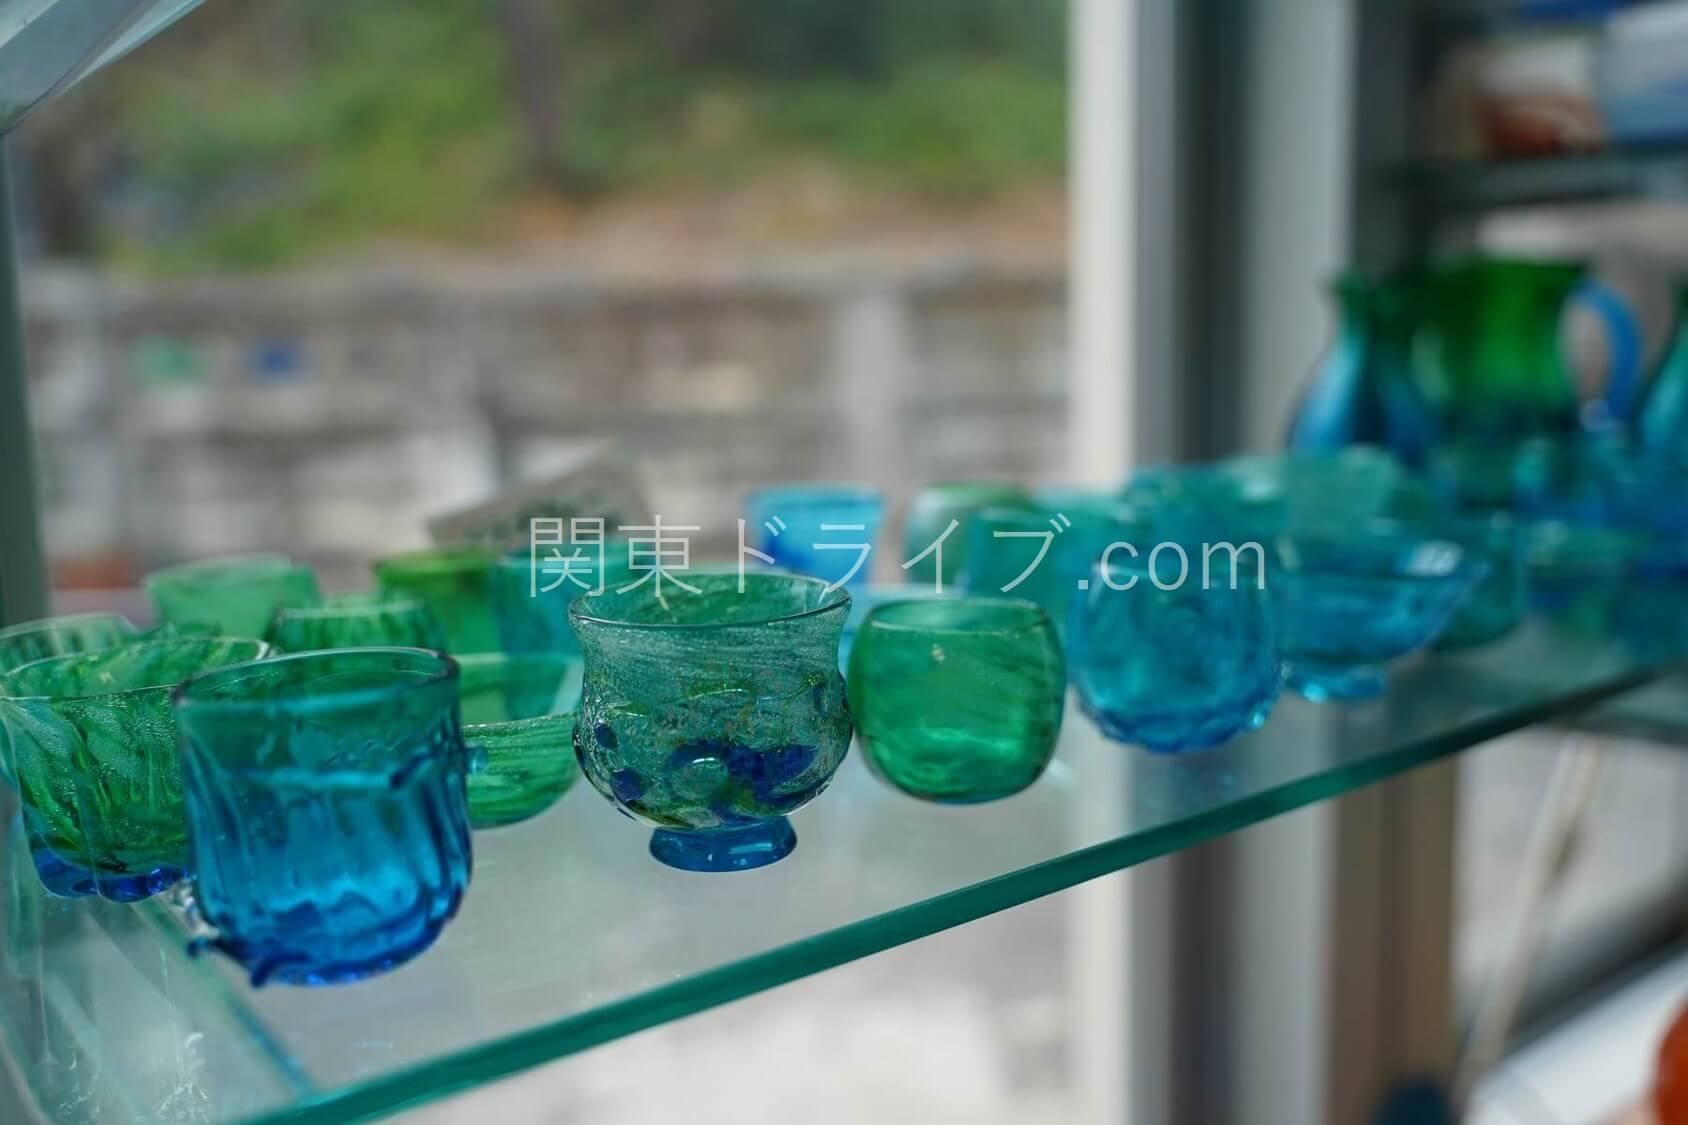 「匠工房」の琉球ガラス3